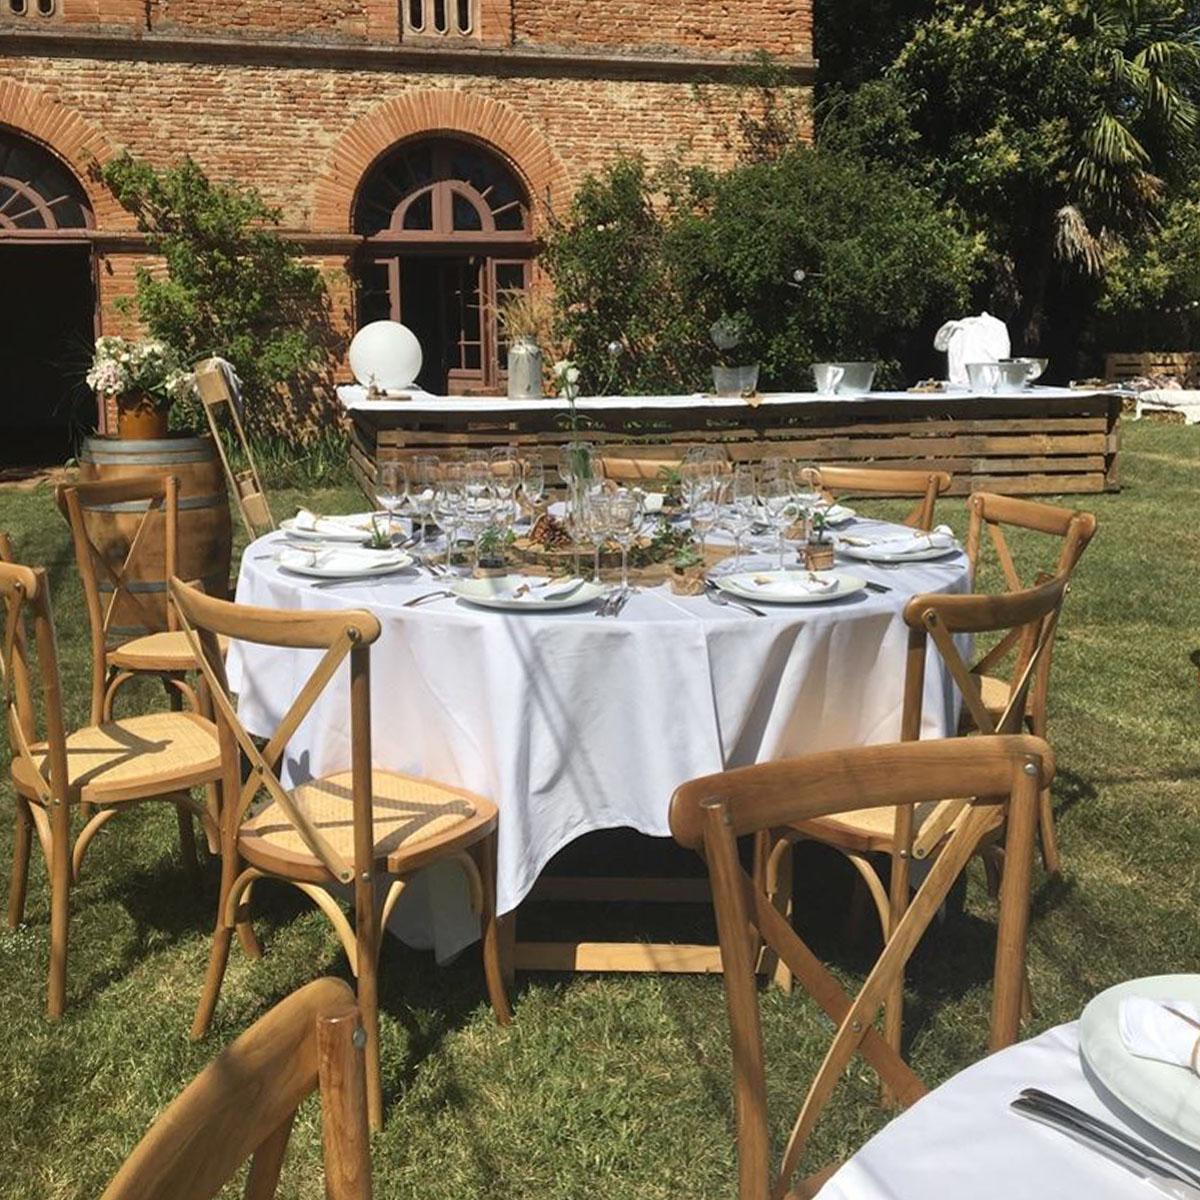 table pliante ronde bois 10 personnes imexia location de mobilier de r ception. Black Bedroom Furniture Sets. Home Design Ideas